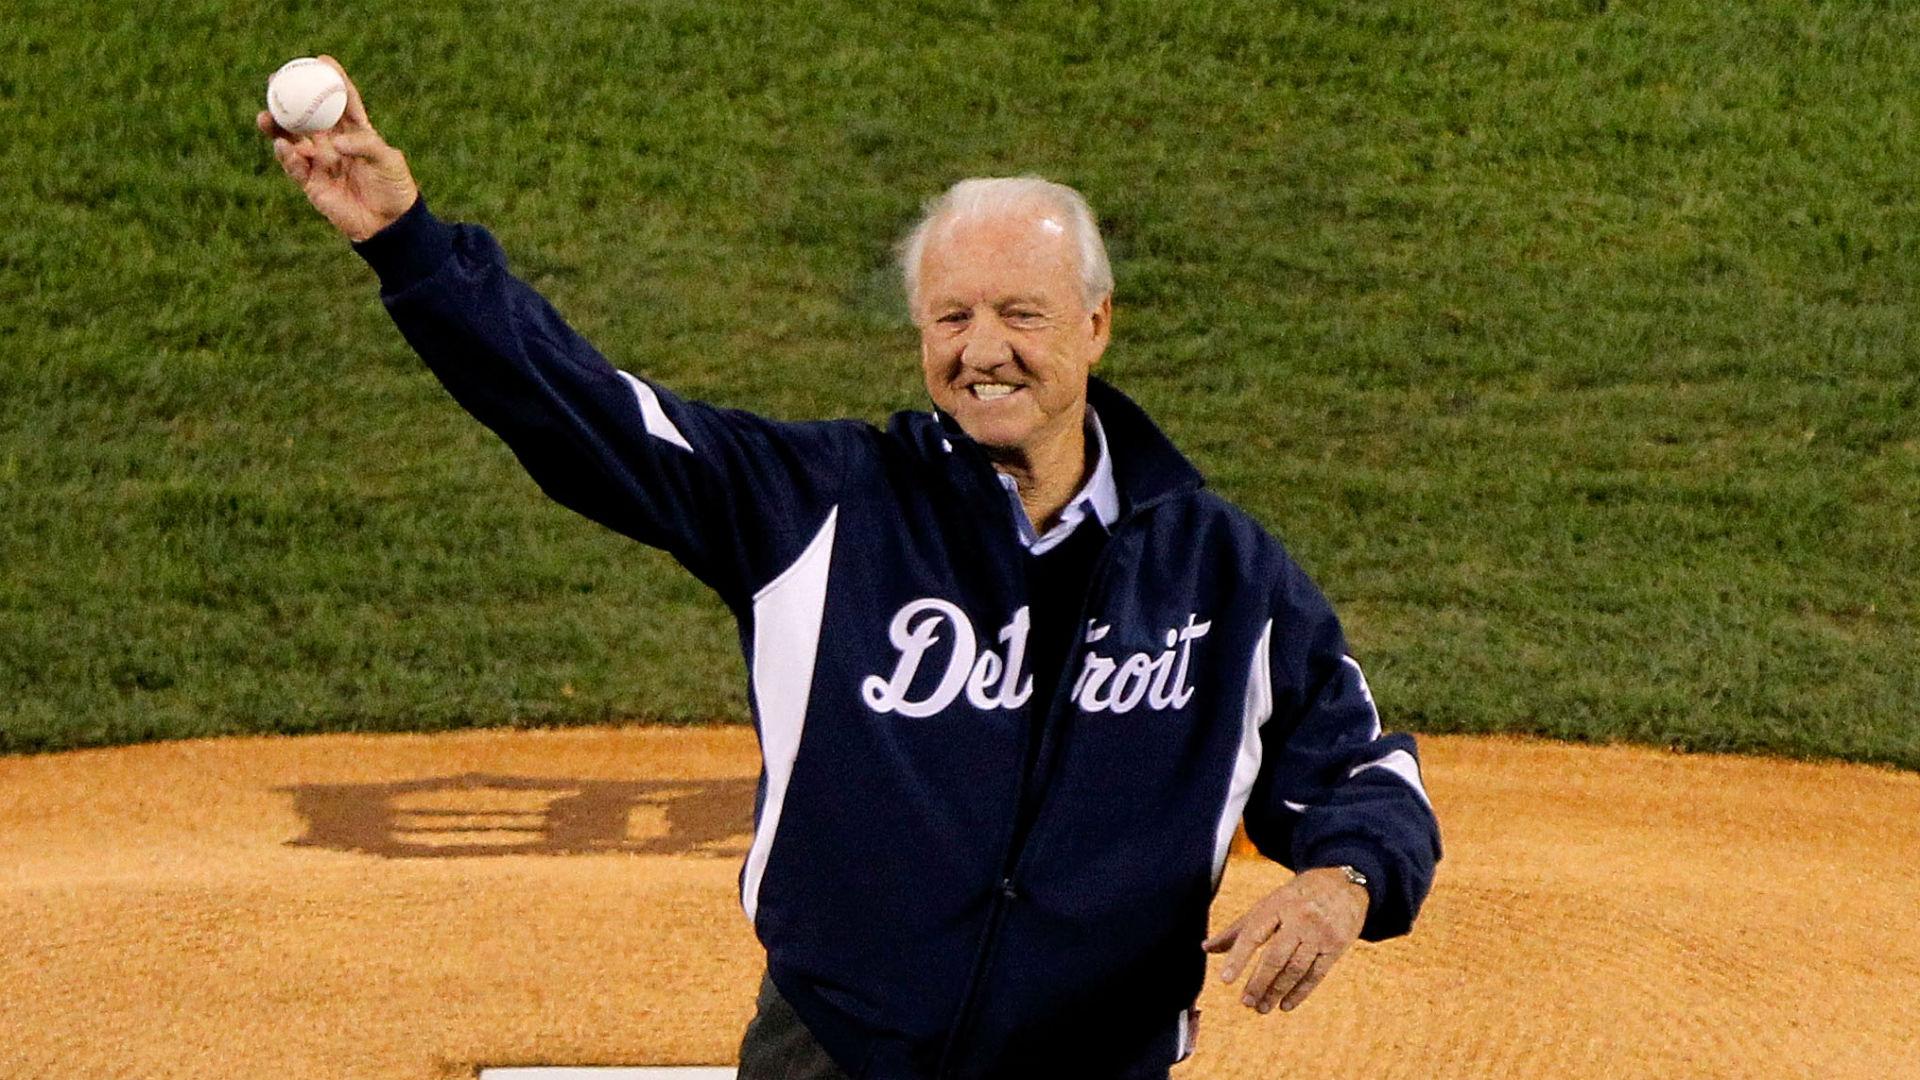 Al Kaline muere a los 85 años: los grandes del béisbol recuerdan la leyenda de los Tigres de Detroit en las redes sociales 57